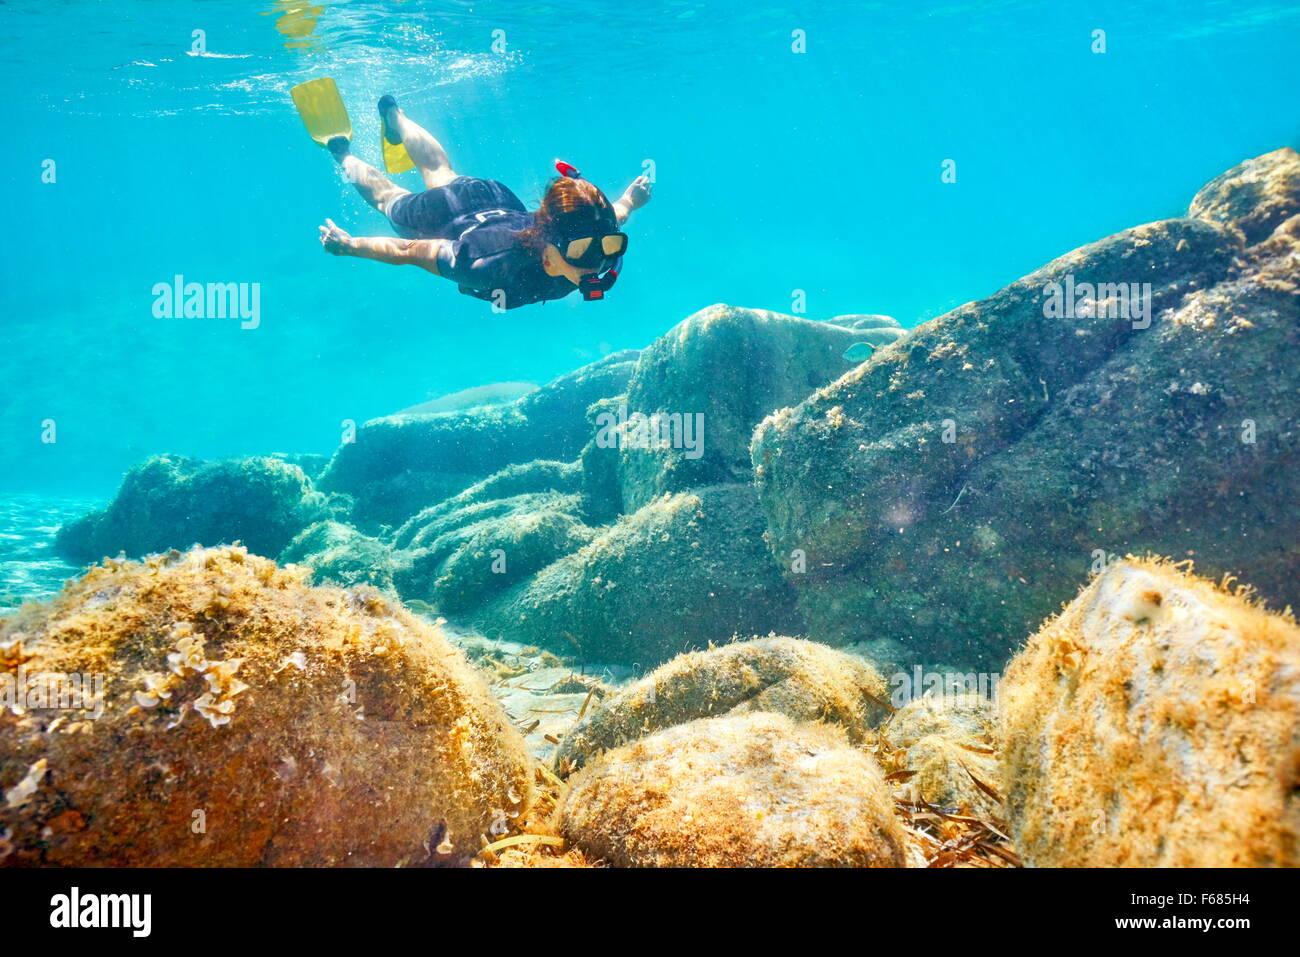 Woman snorkeling underwater, Costa Smeralda, Sardinia Island, Italy - Stock Image